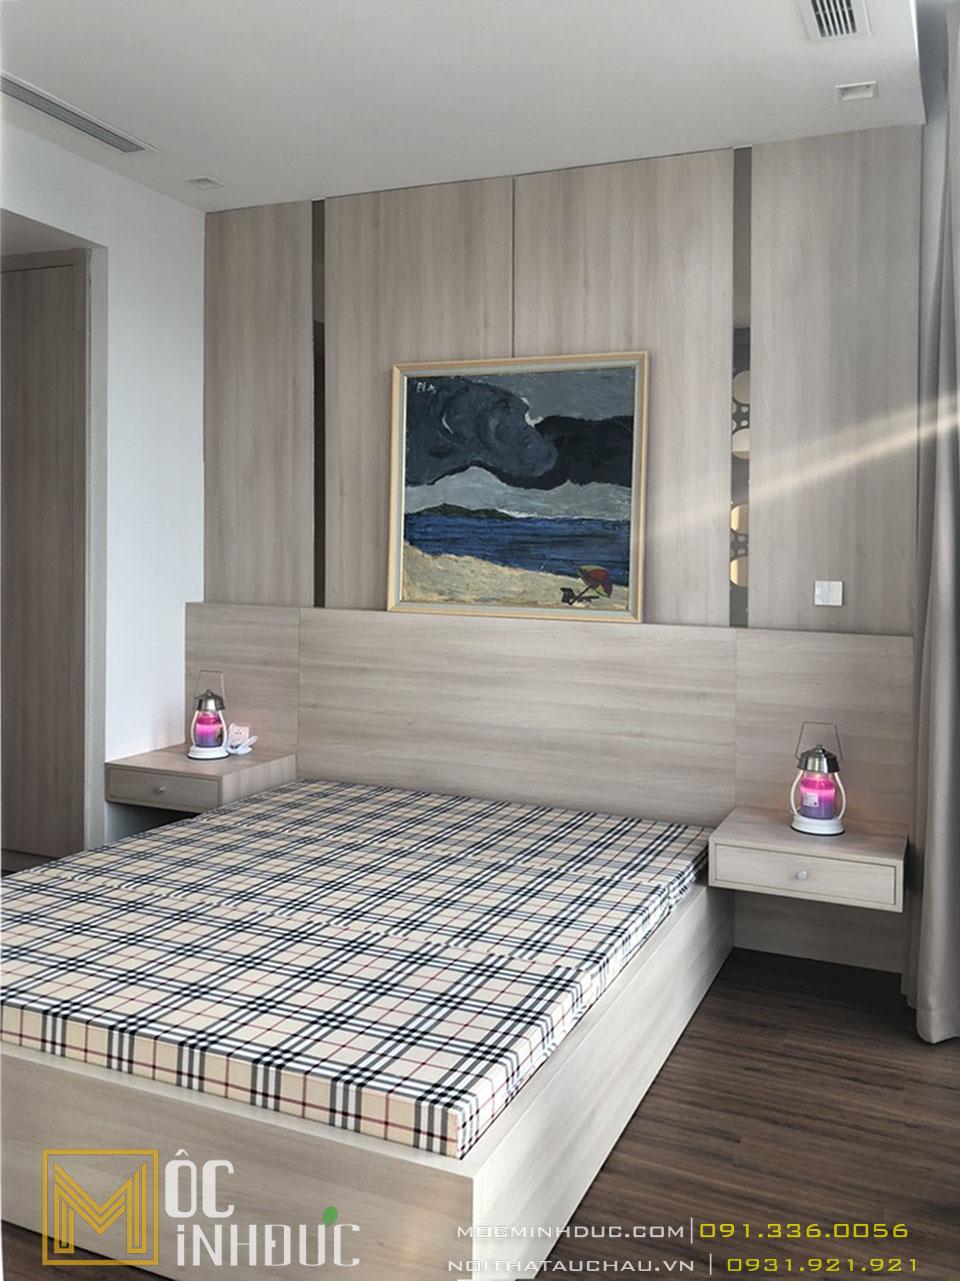 Thi công nội thất phòng ngủ metropolis